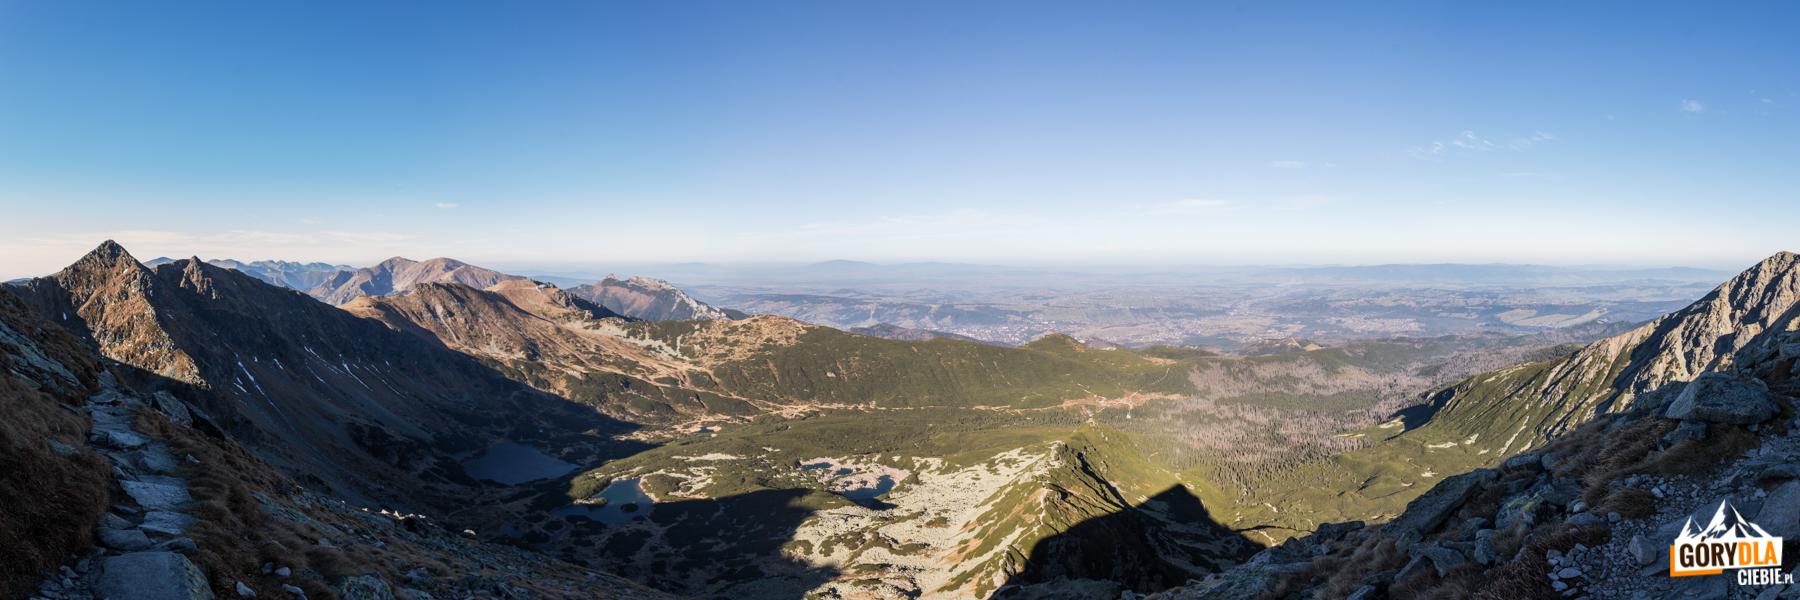 Widok spod szczytu Kościelca na Dolinę Gąsienicową